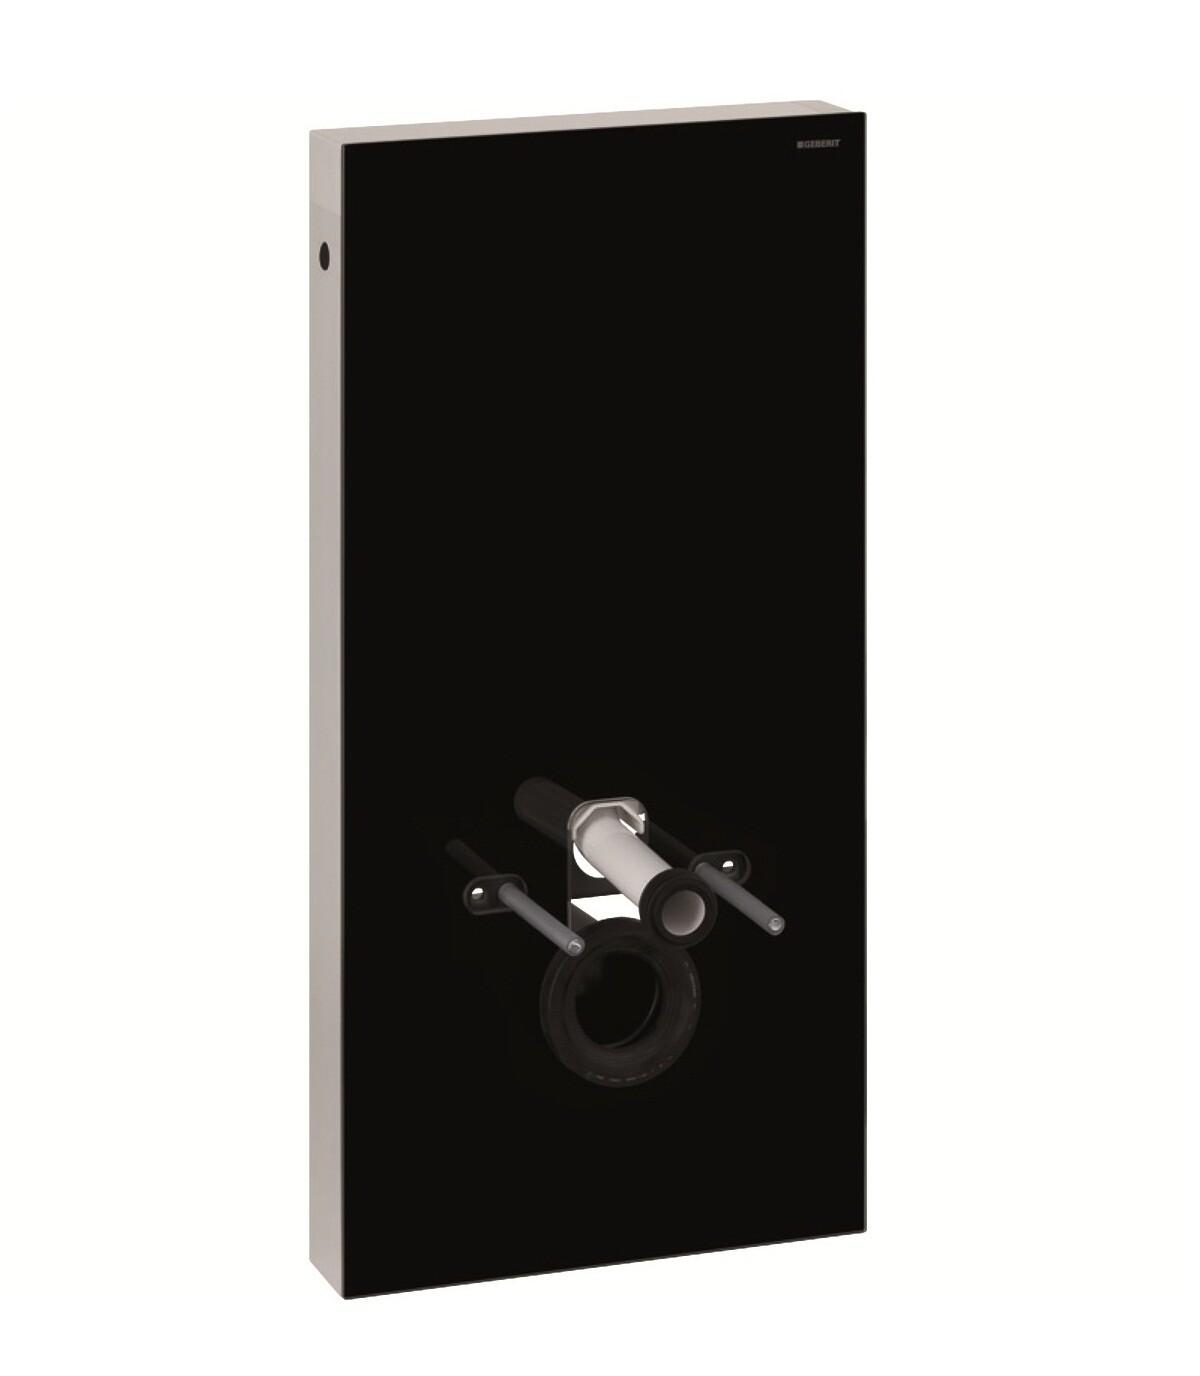 Panneau sanitaire Geberit Monolith pour WC suspendu, 101 cm / Verre noir